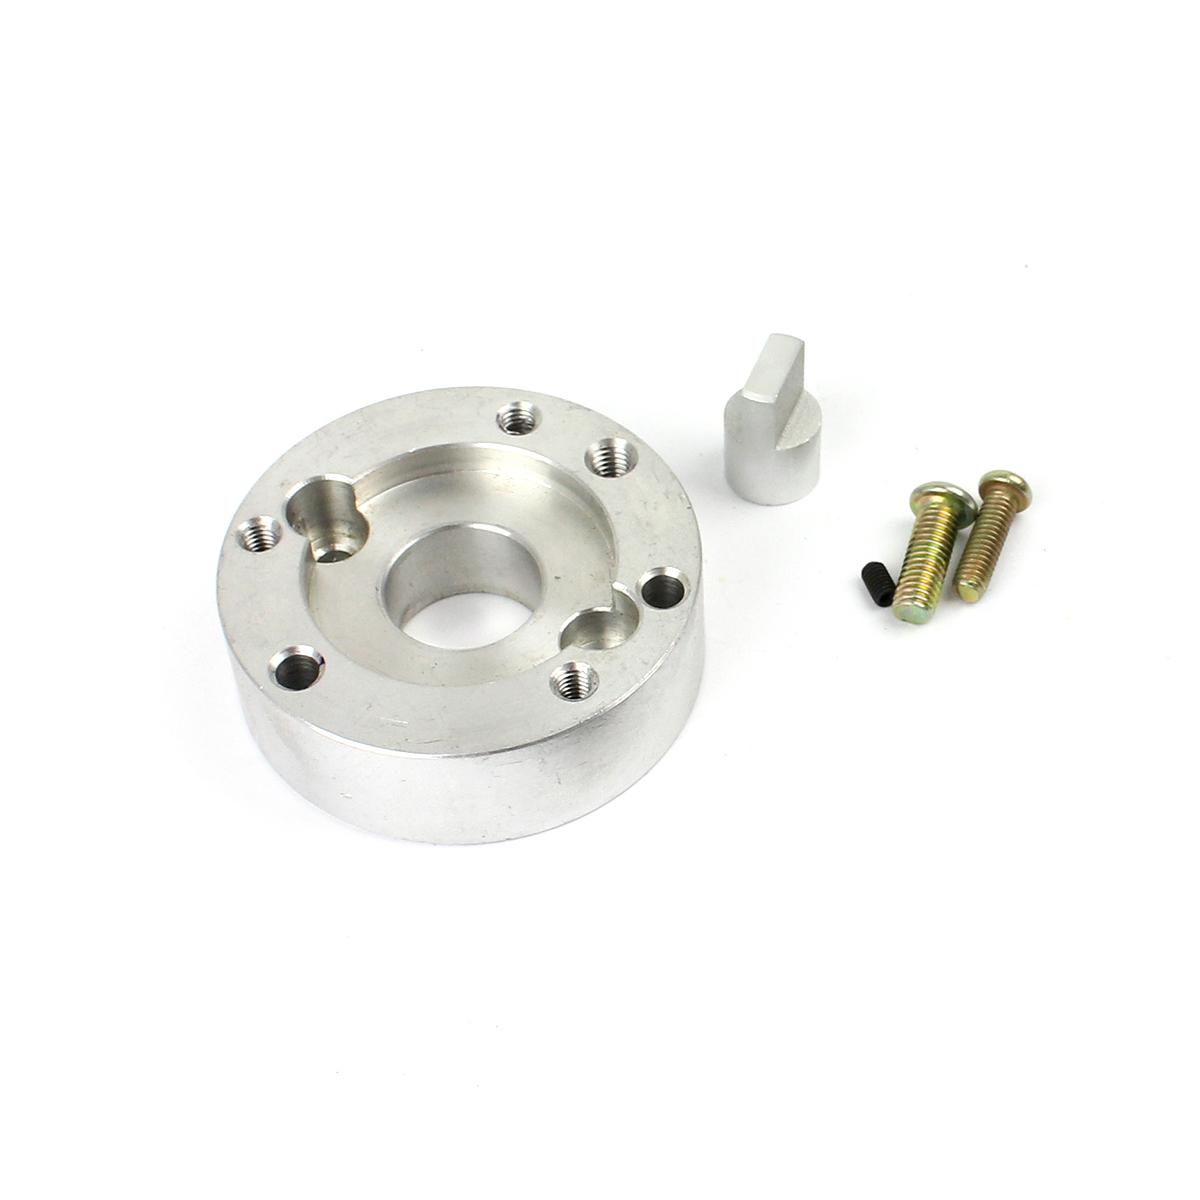 Turnkey EFI Tps Throttle Position Adapter